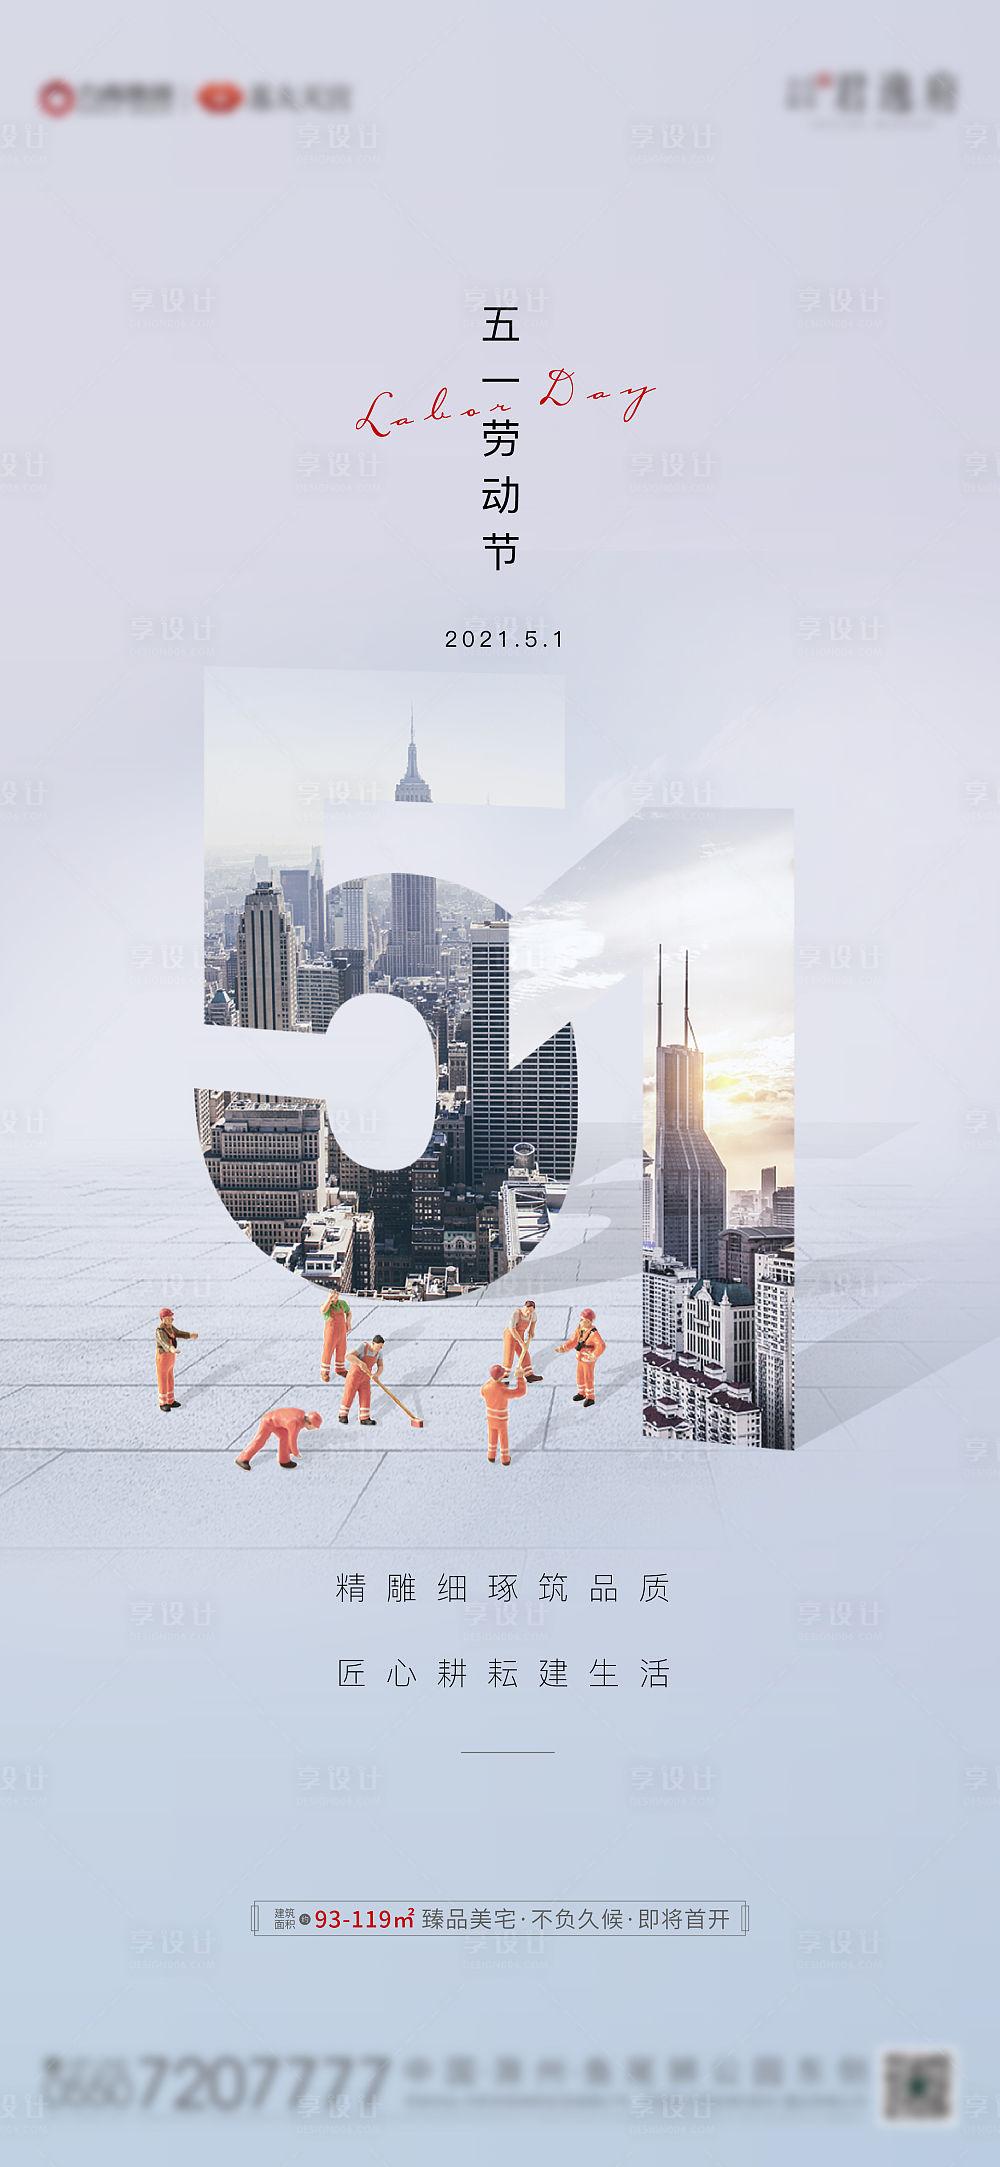 【源文件下载】 海报 房地产 公历节日 劳动节 五一 设计作品 设计图集